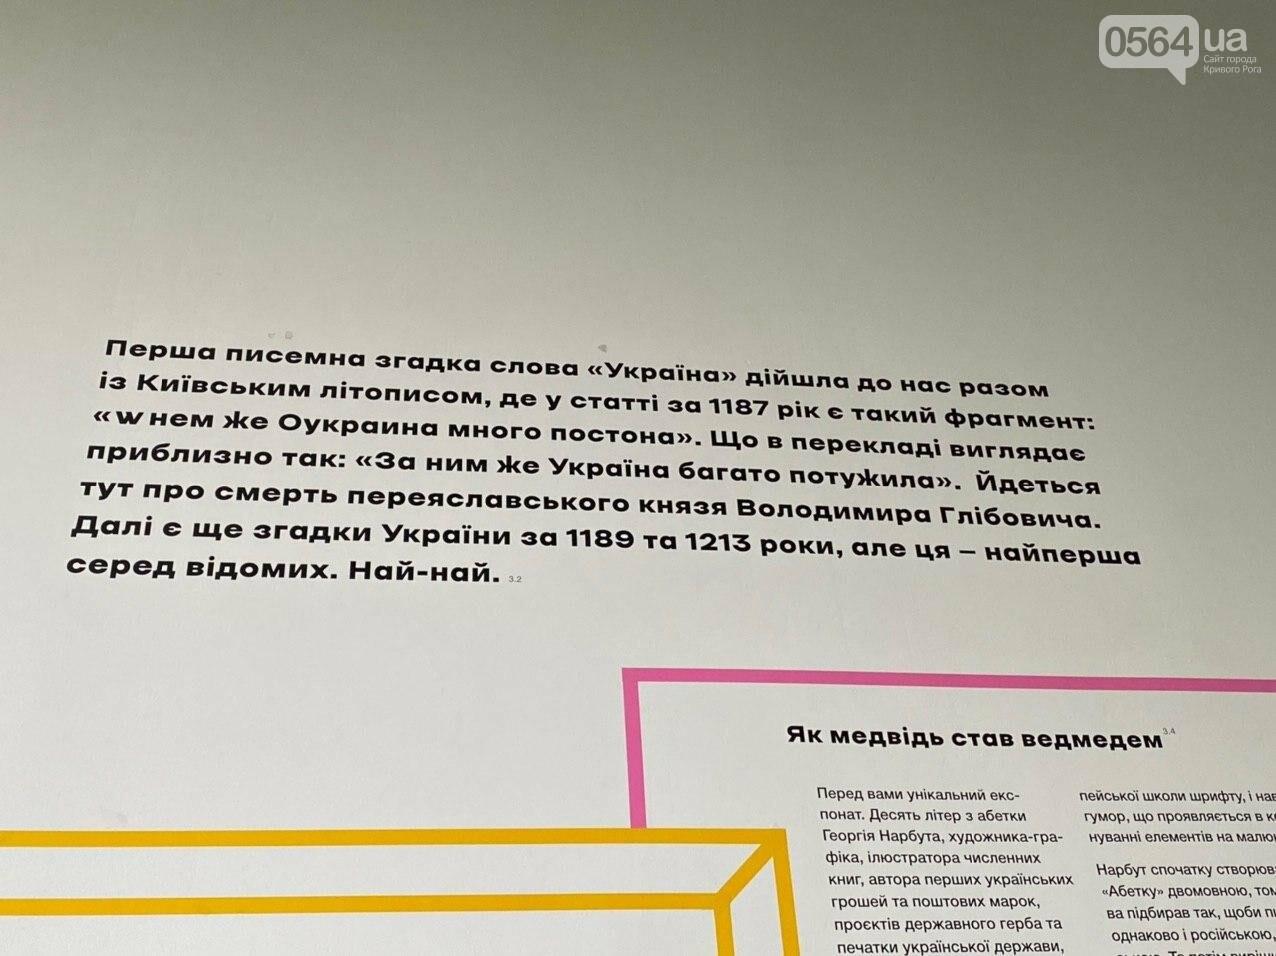 Ukraine WOW: что можно было узнать о Кривом Роге на интерактивной выставке, - ФОТО , фото-16